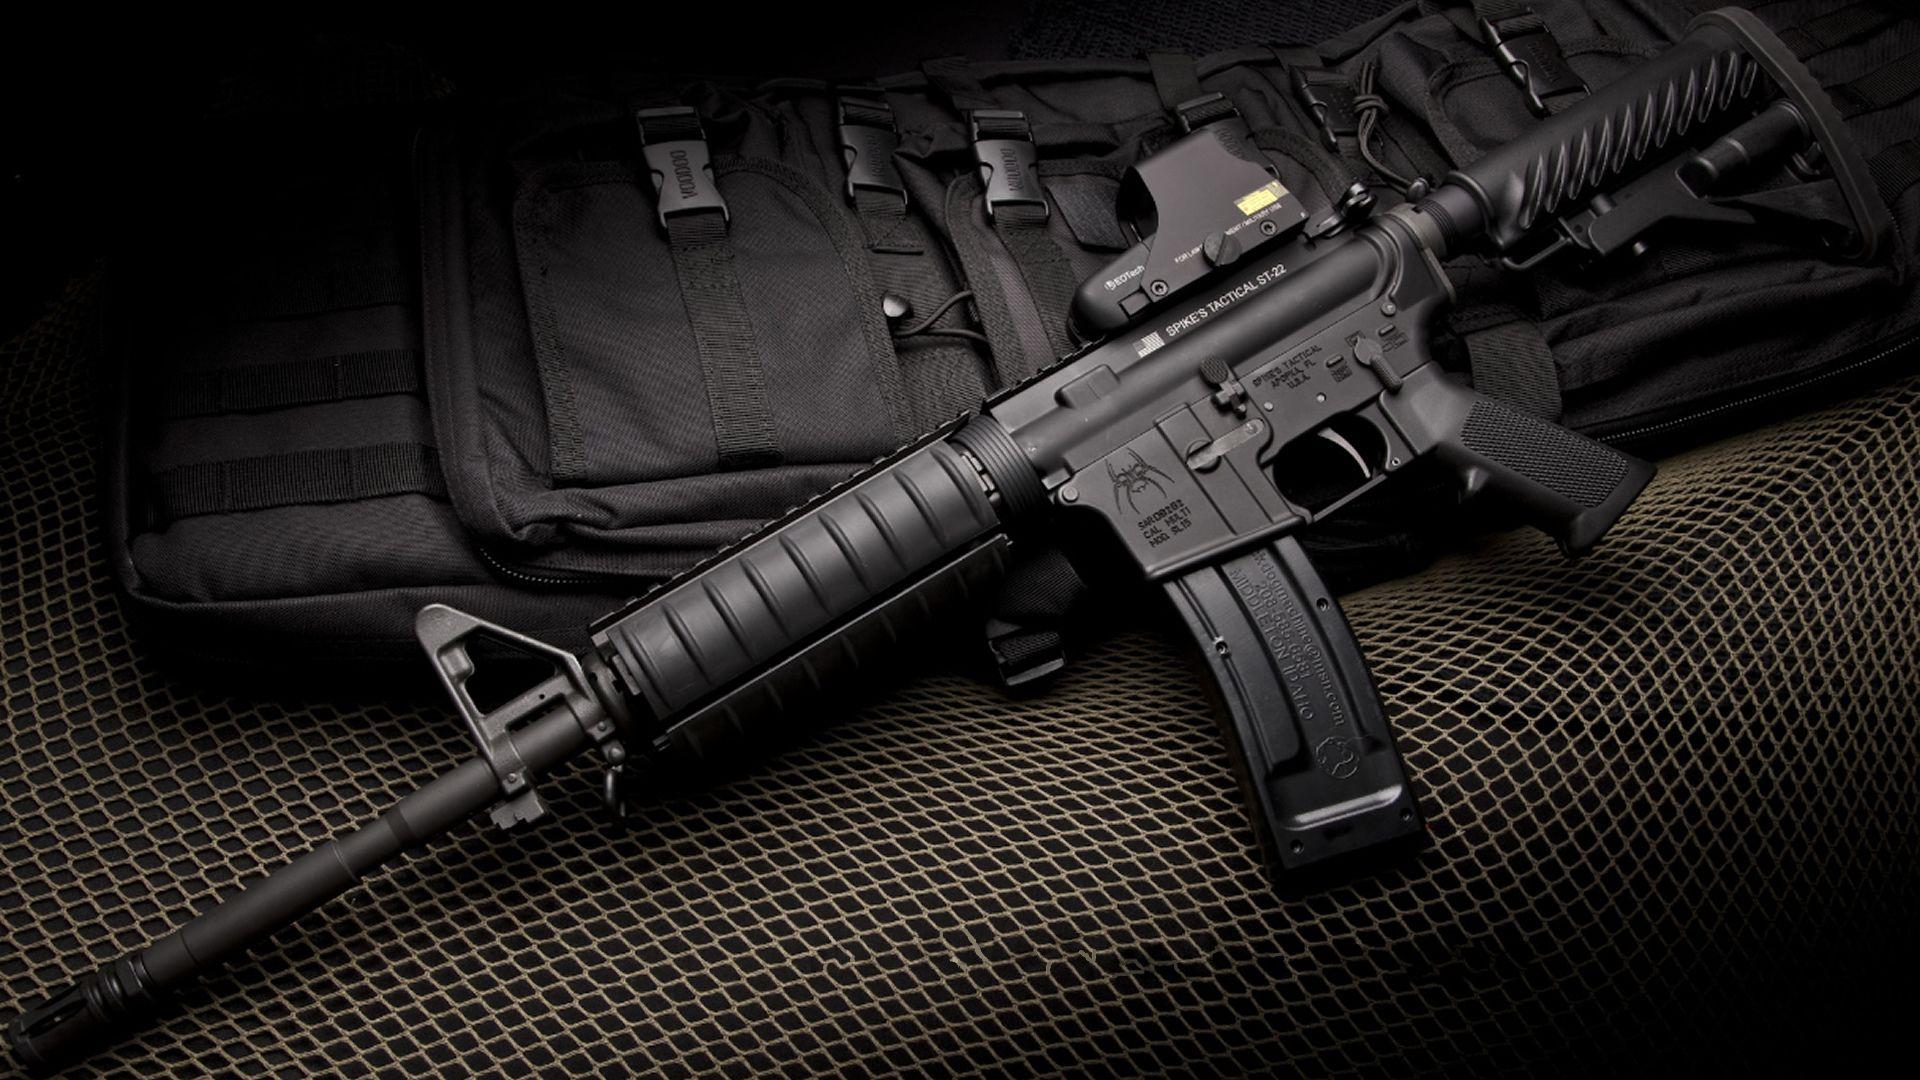 Armario Embutido Quarto Pequeno ~ Armas Fuzil De Assalto Papel de Parede Armas de Fogo Pinterest Armas, Papéis de parede e